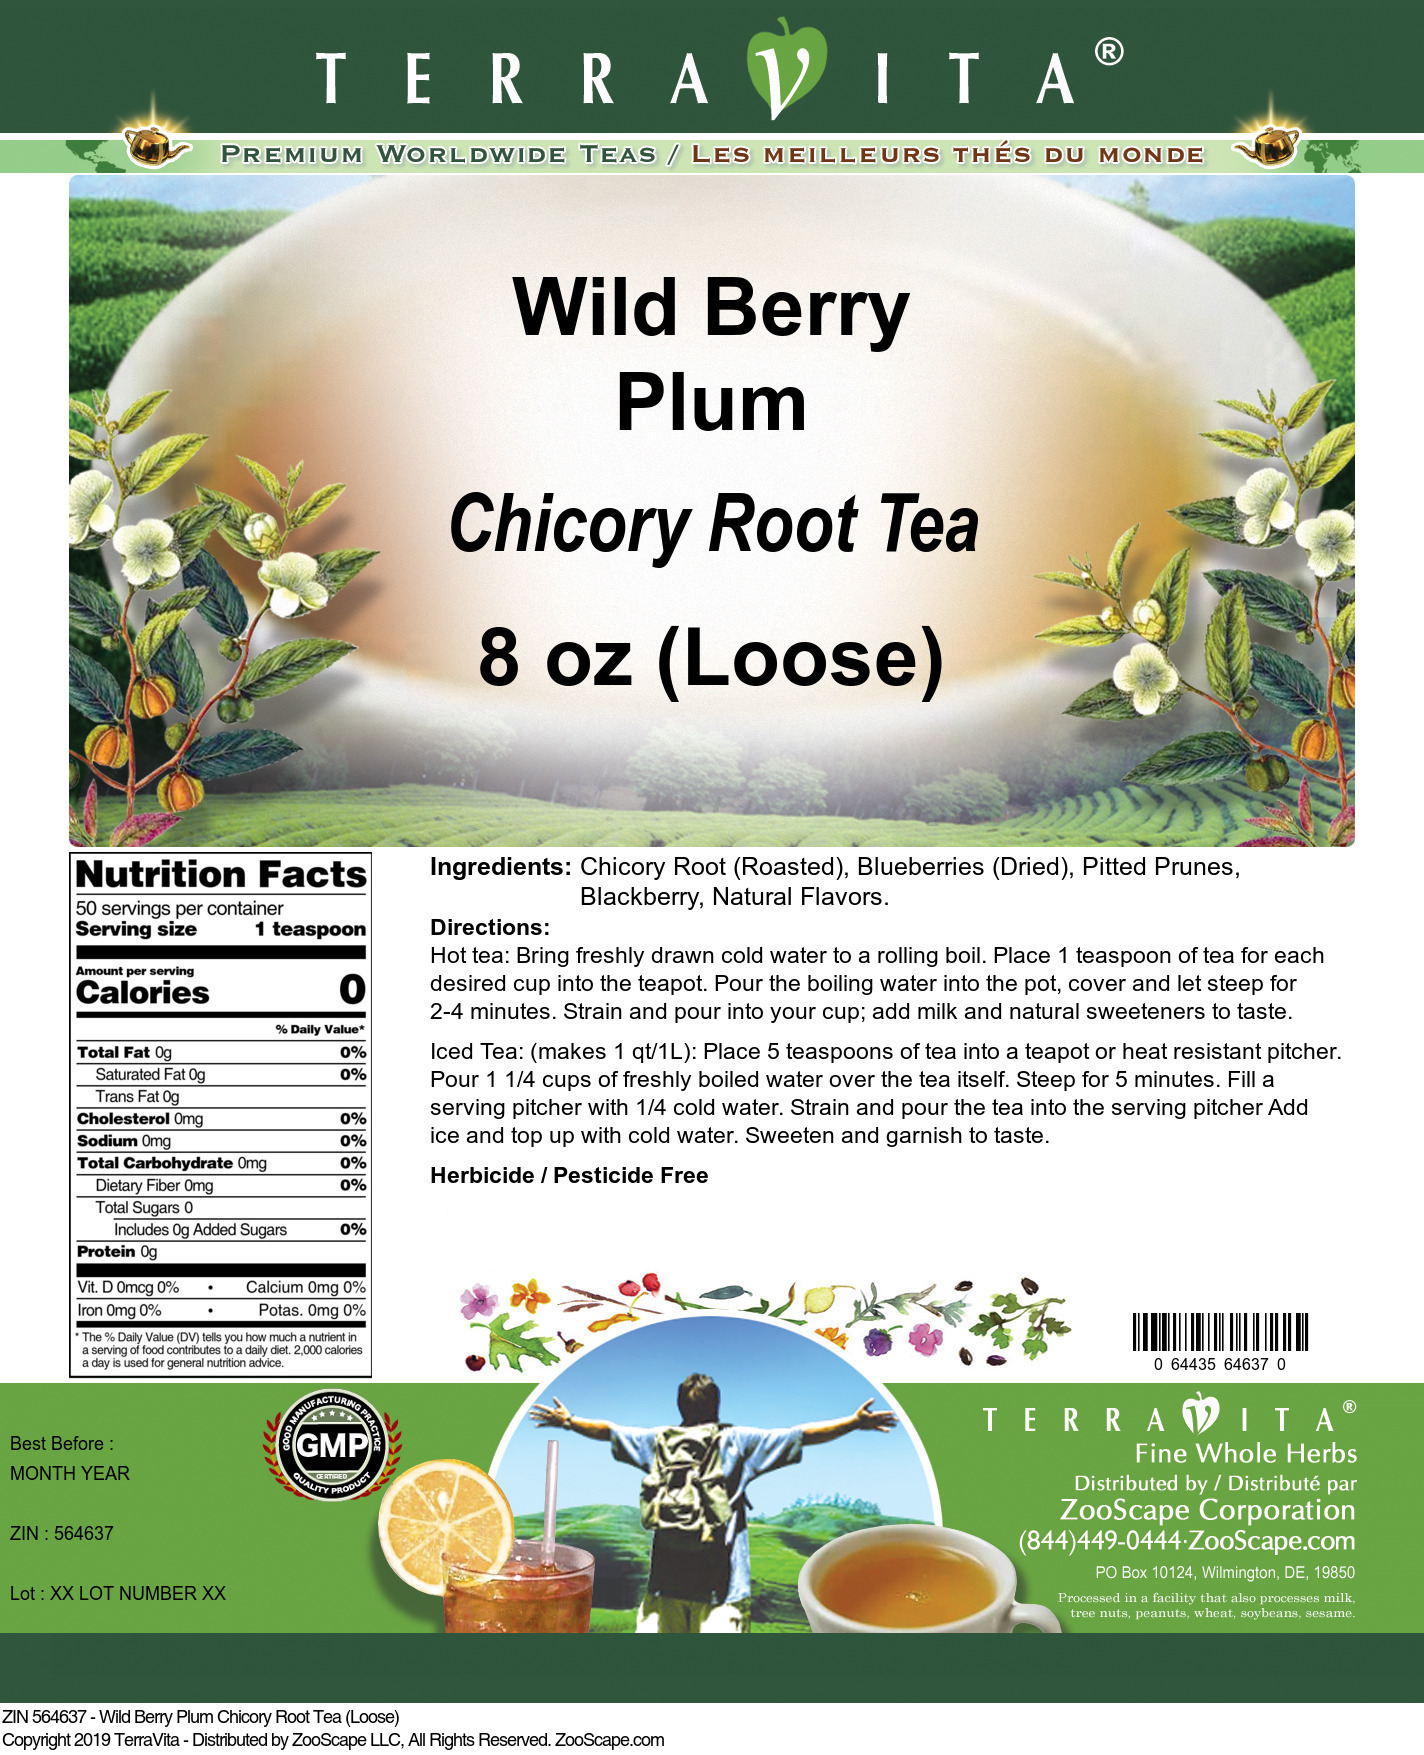 Wild Berry Plum Chicory Root Tea (Loose)